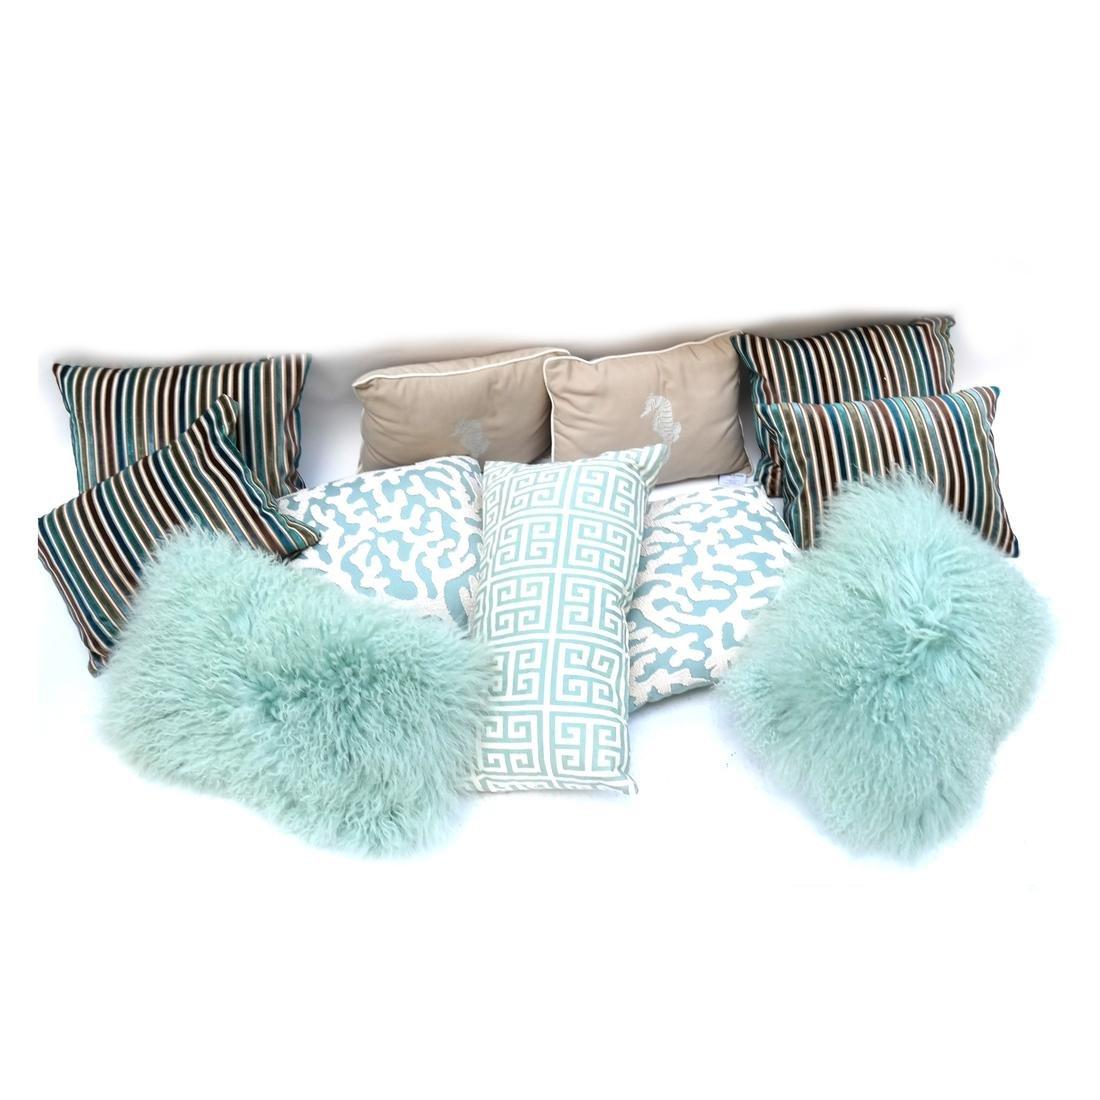 Ten Assorted Pillows